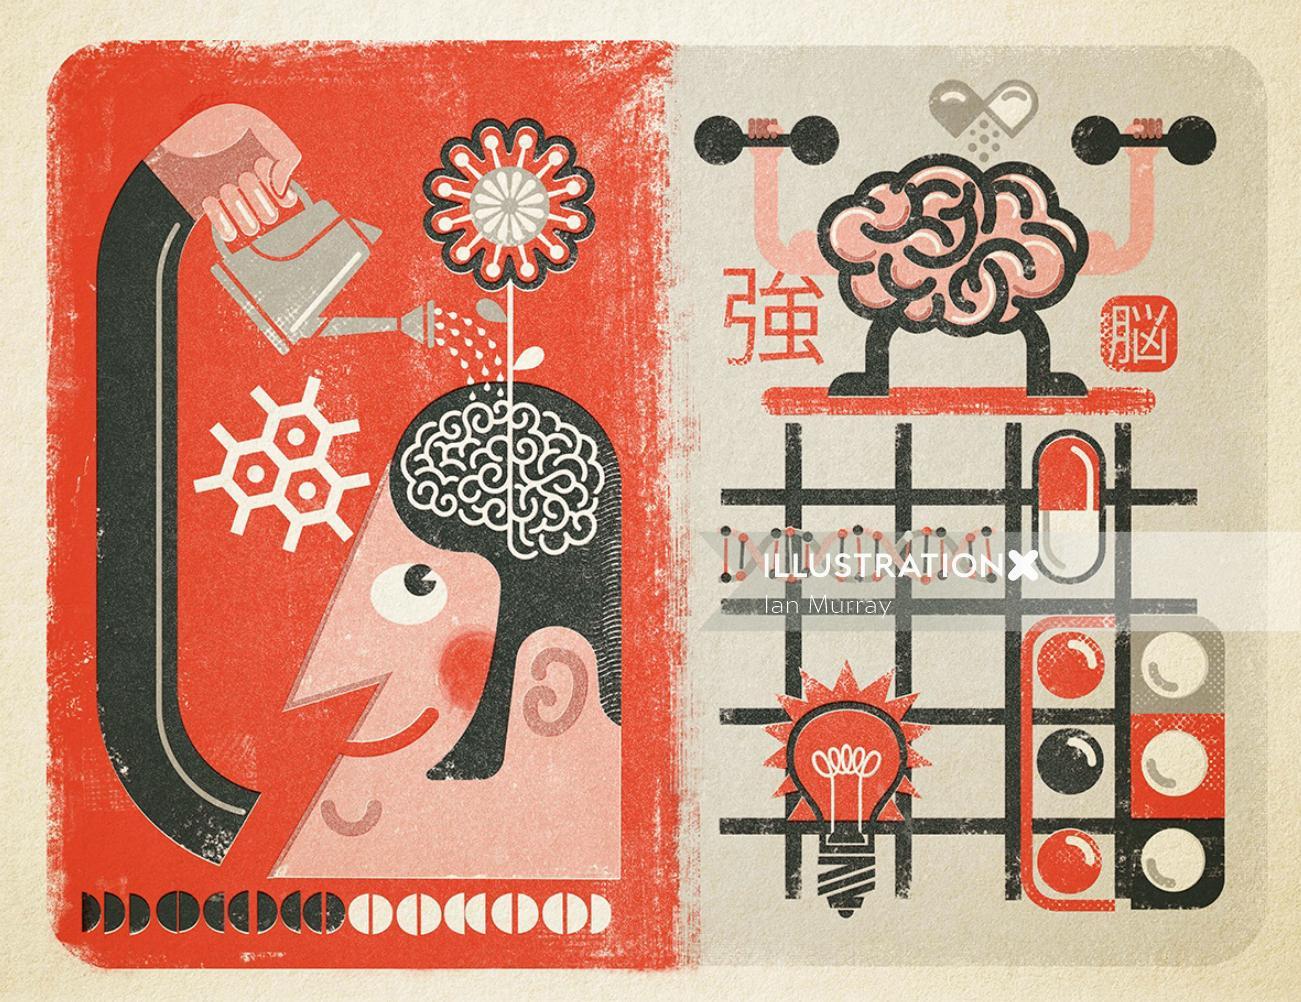 Nootropics smart drugs editorial illustration